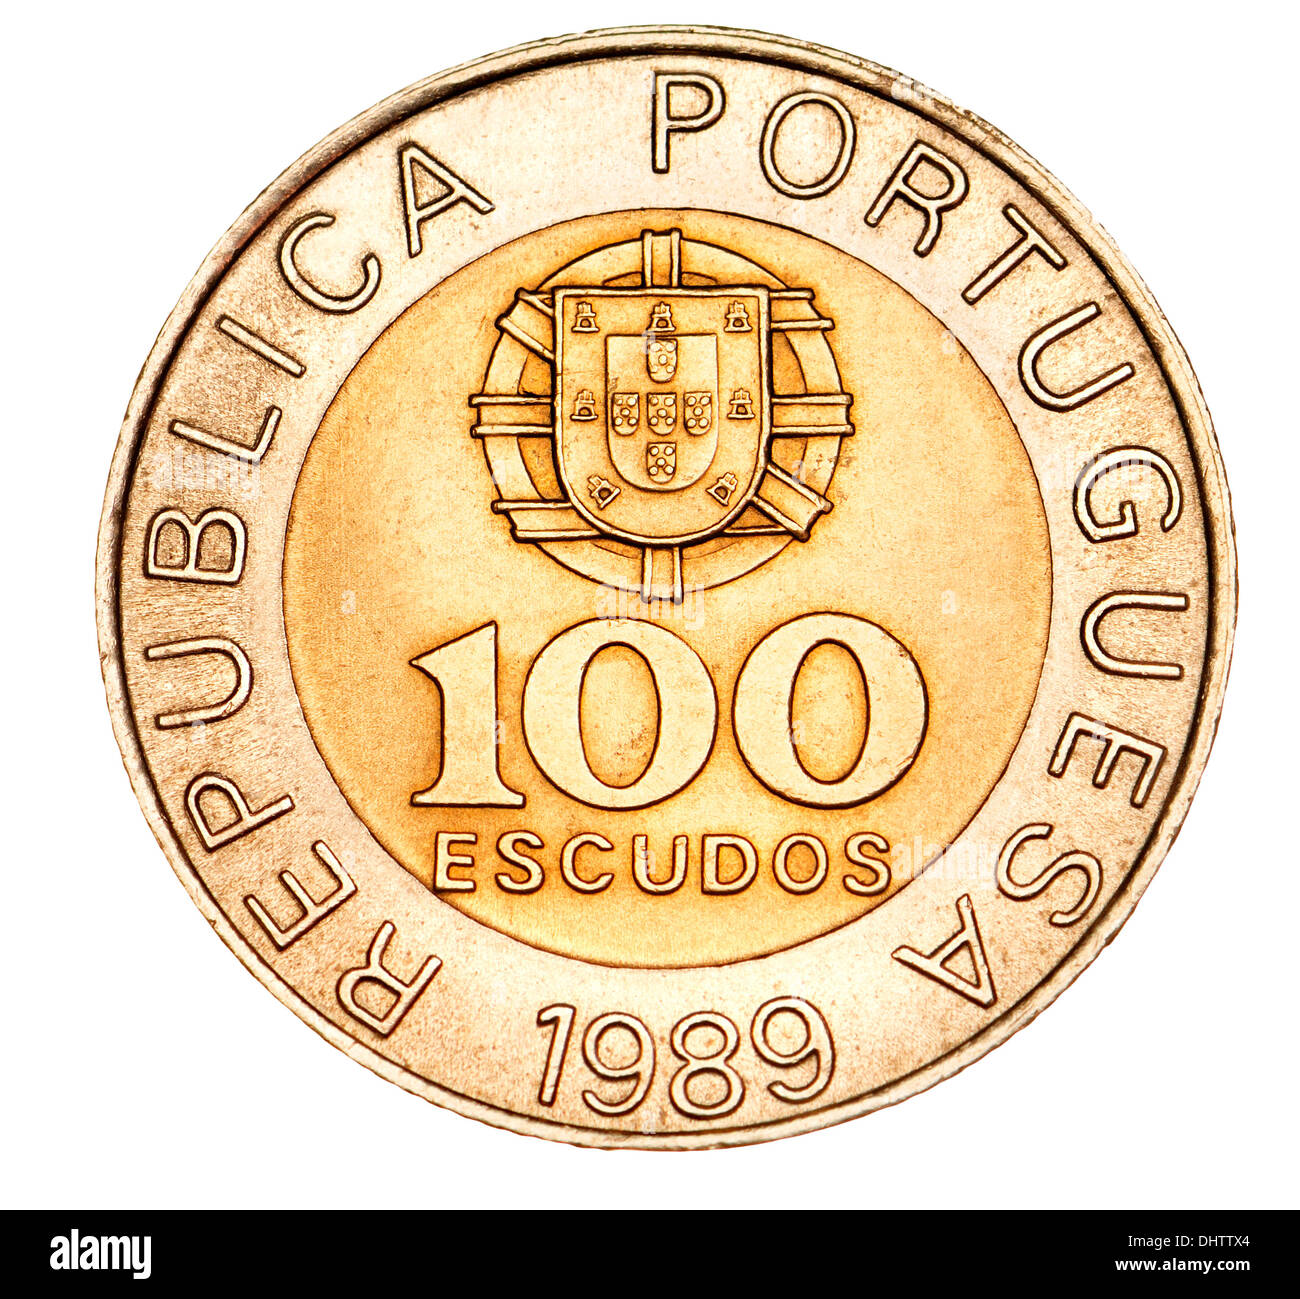 Portuguese coin - pre-euro 100 escudos - Stock Image